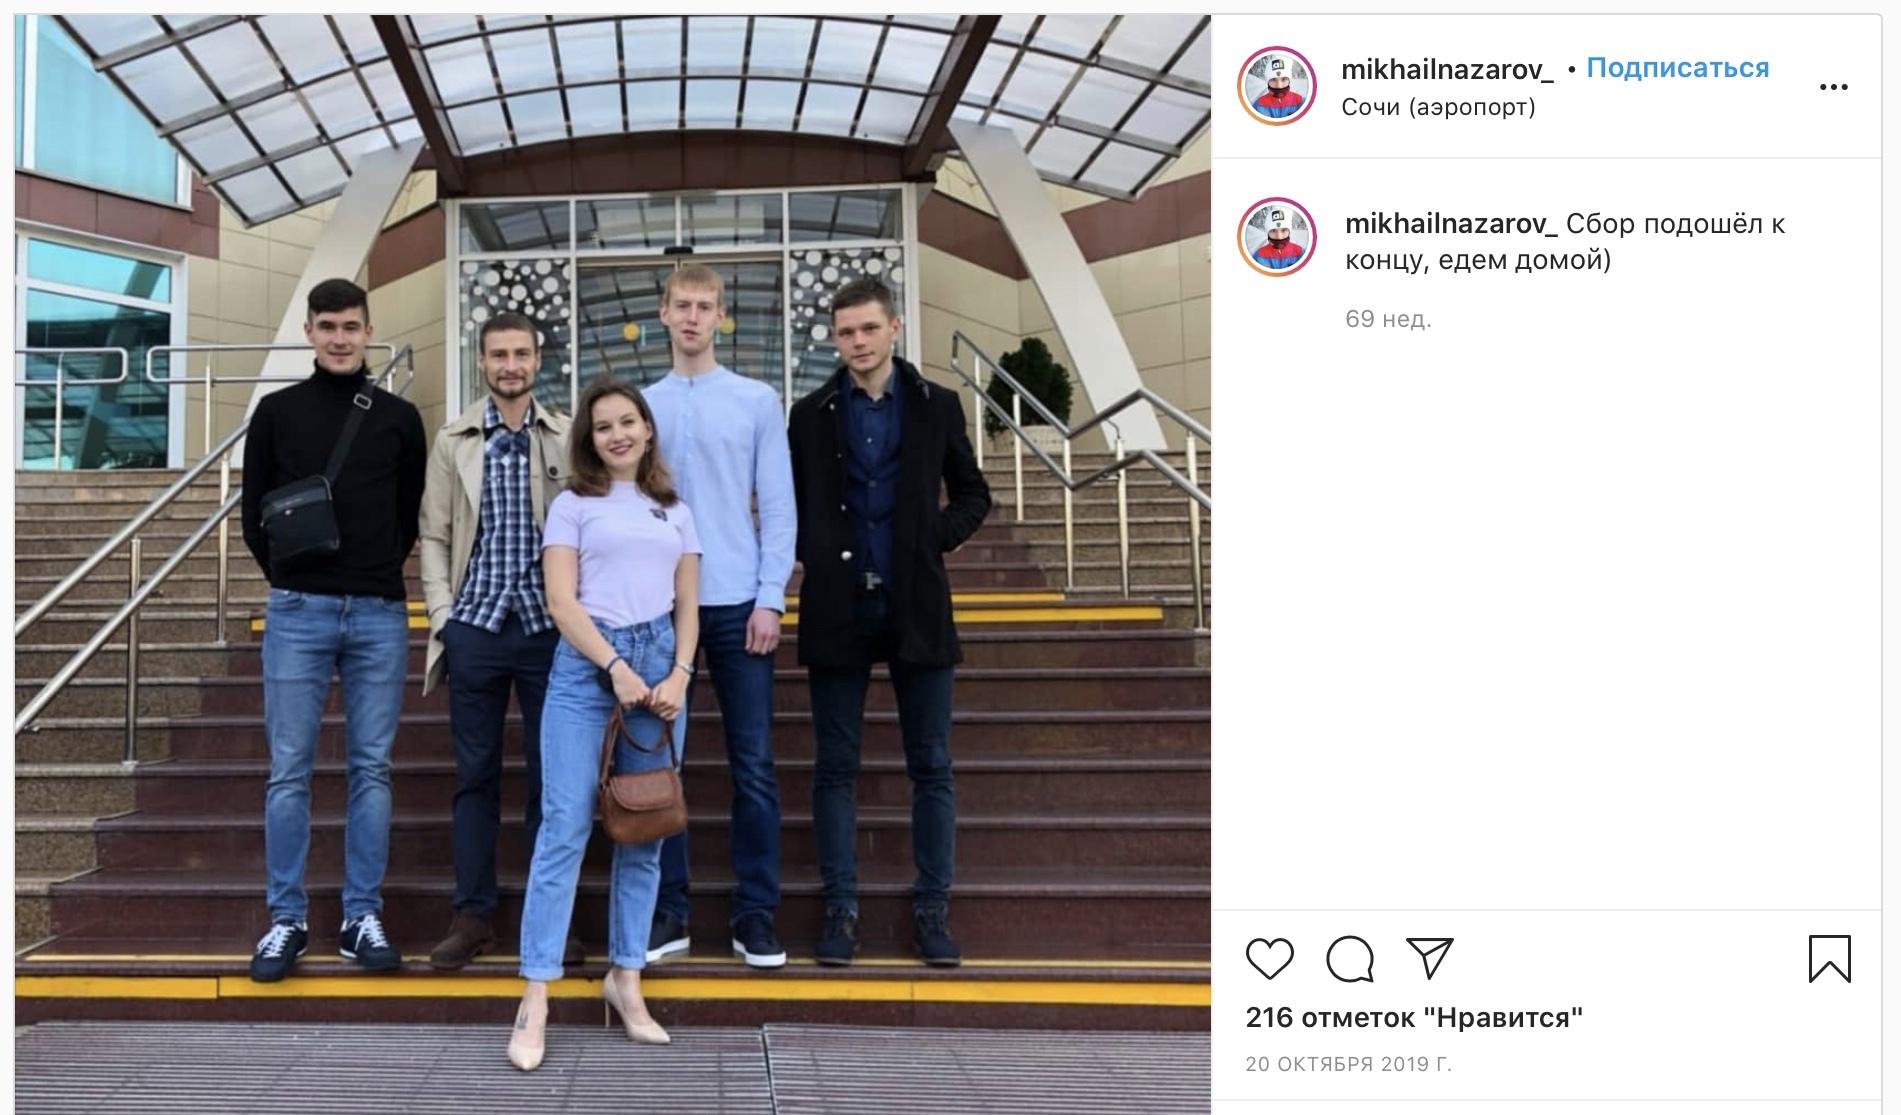 Девушка Евгения сопровождает членов сборной России на сборах в Сочи